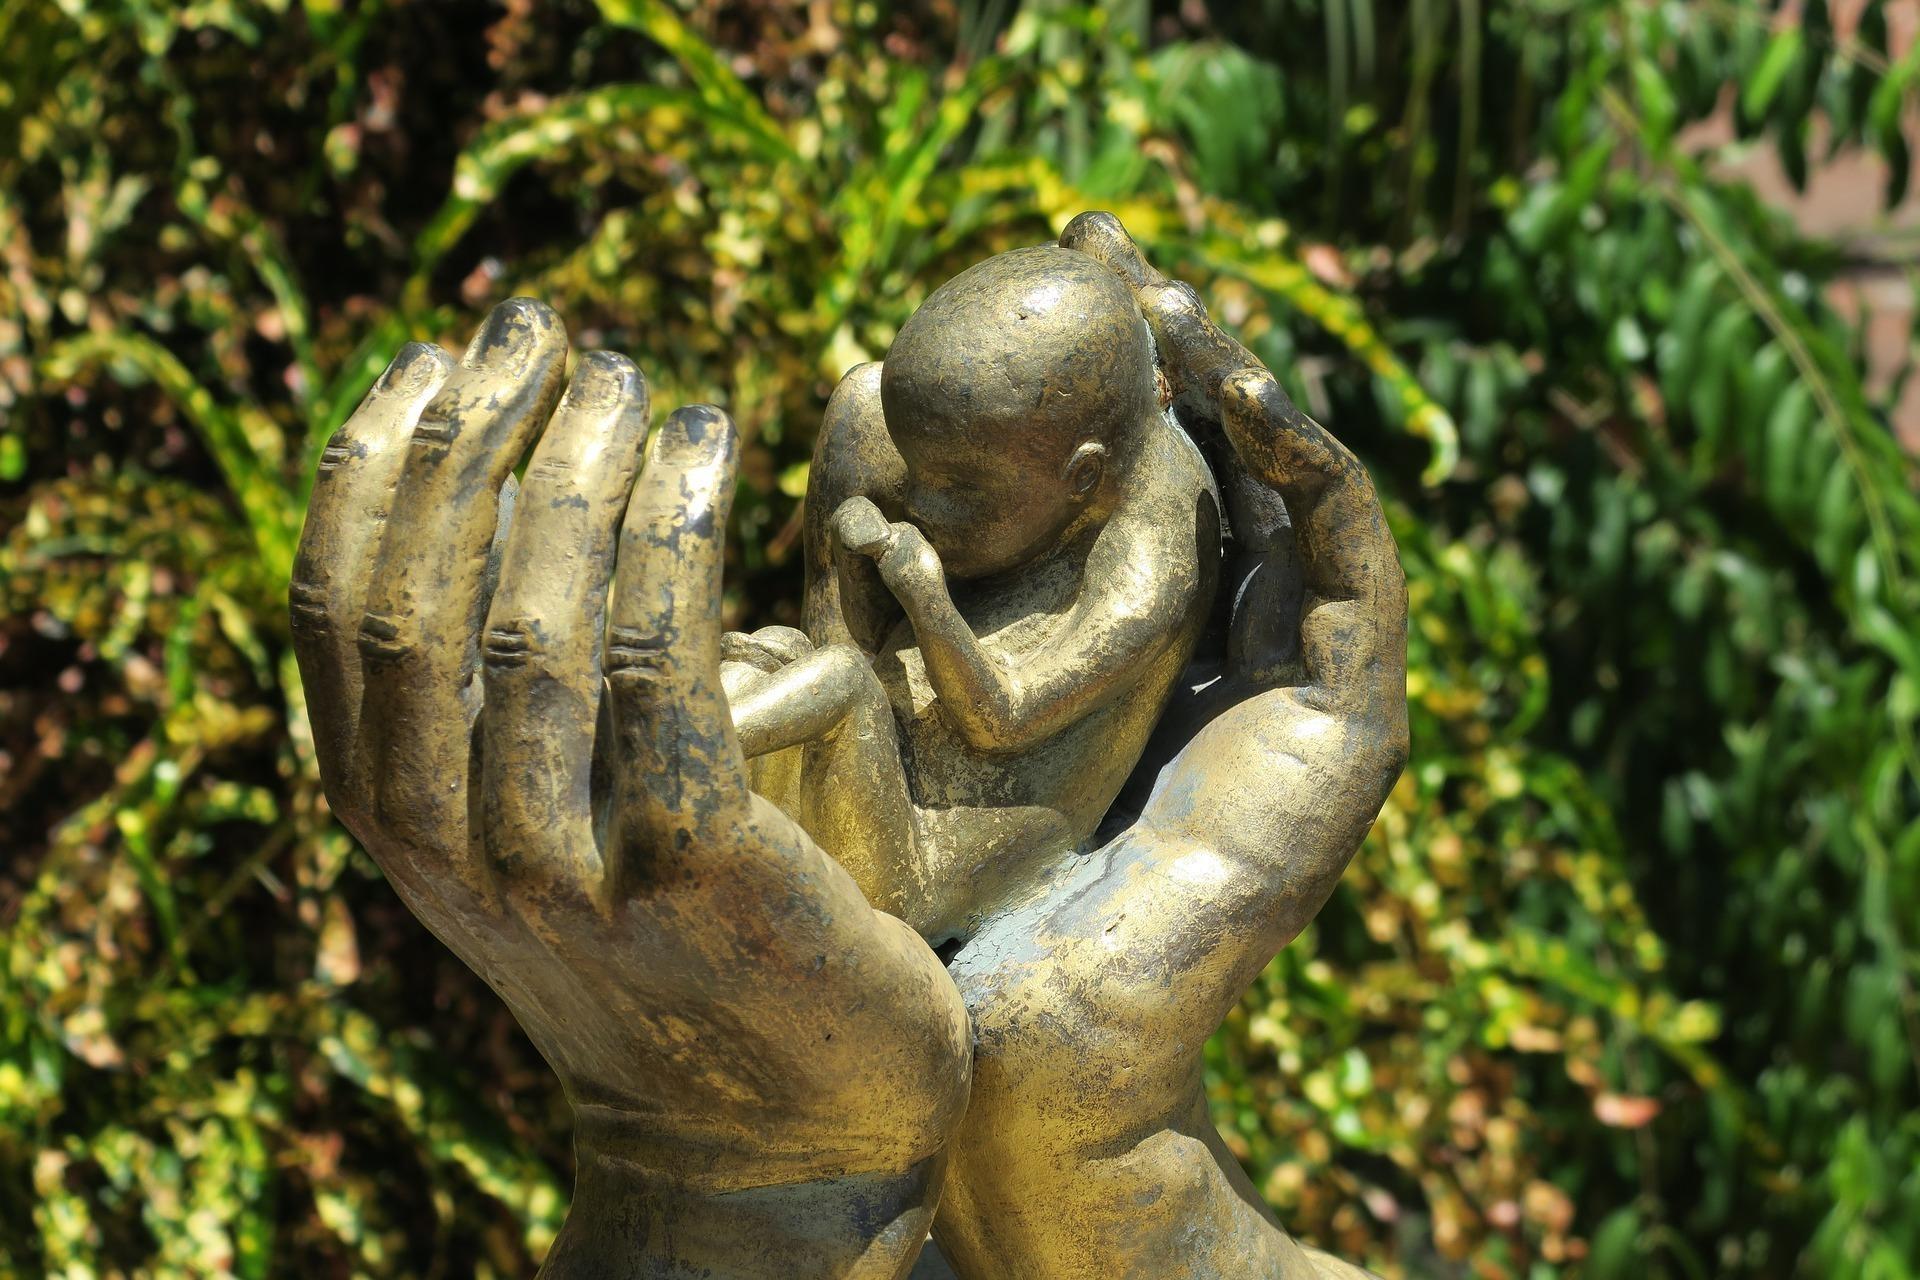 中絶した赤ちゃんを掌で抱く銅像